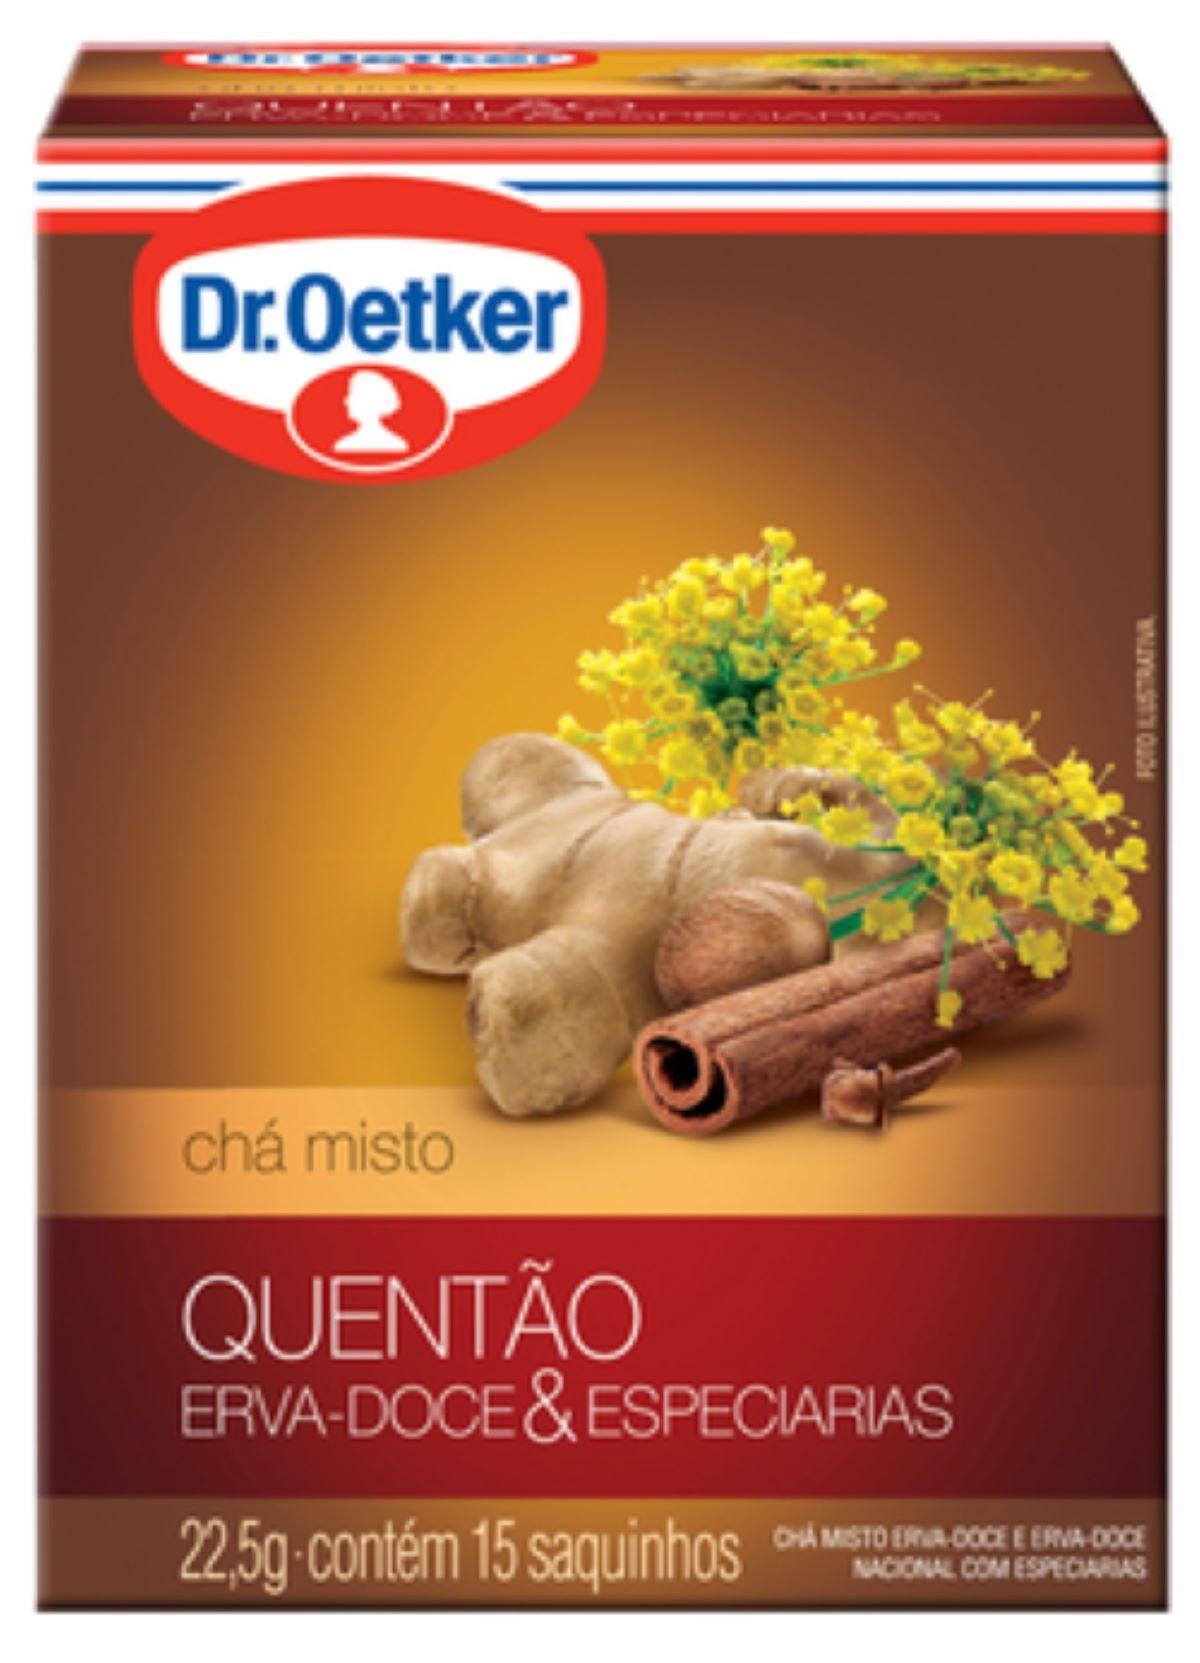 CHÁ DE QUENTÃO DR. OETKER